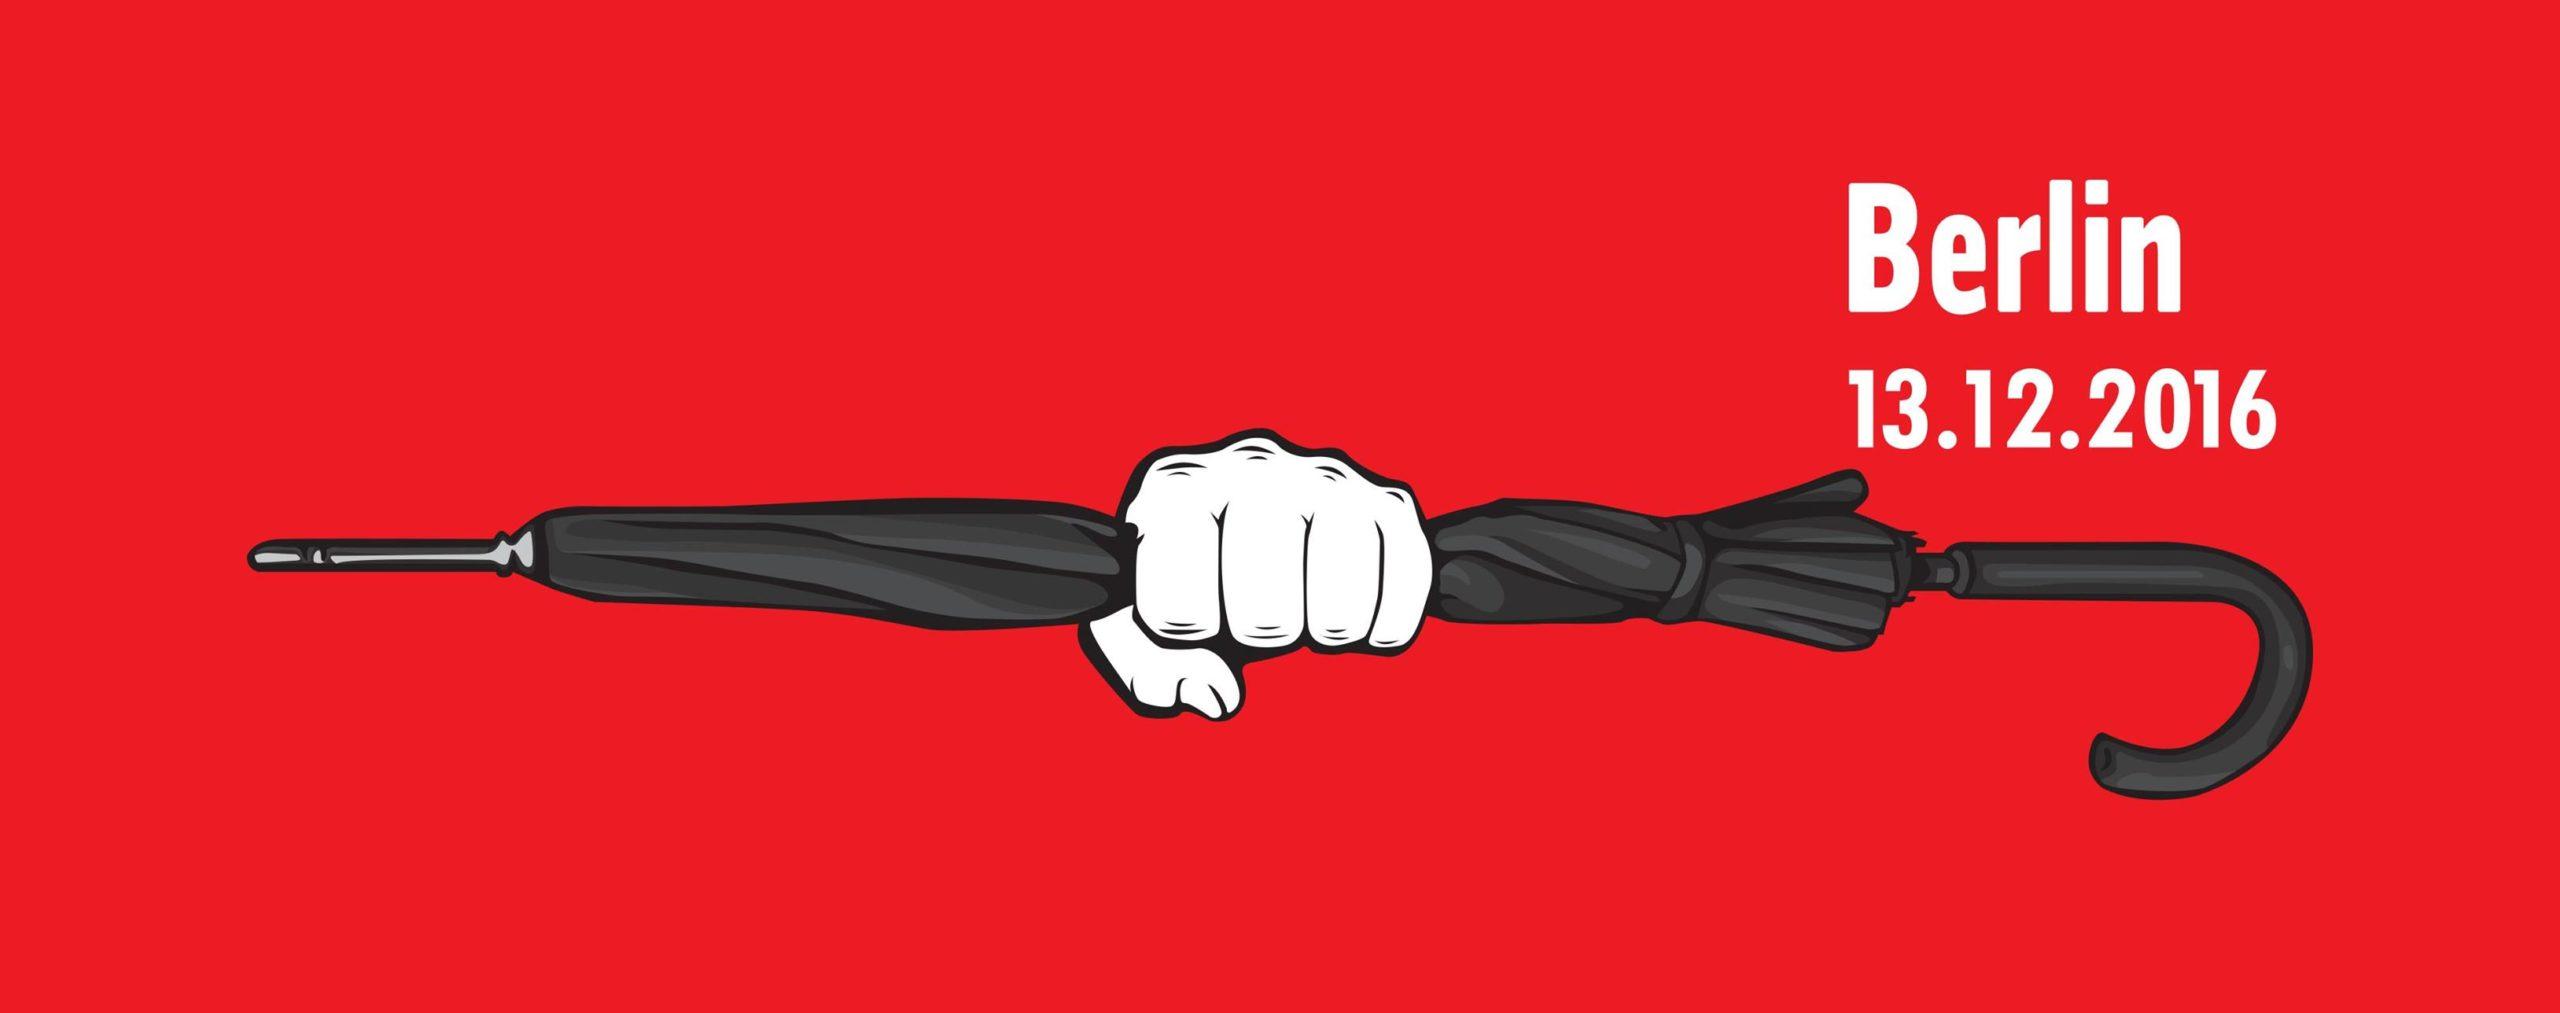 13.12.2016 Strajk Obywatelski Bürgerstreik – Solidarität mit Polen